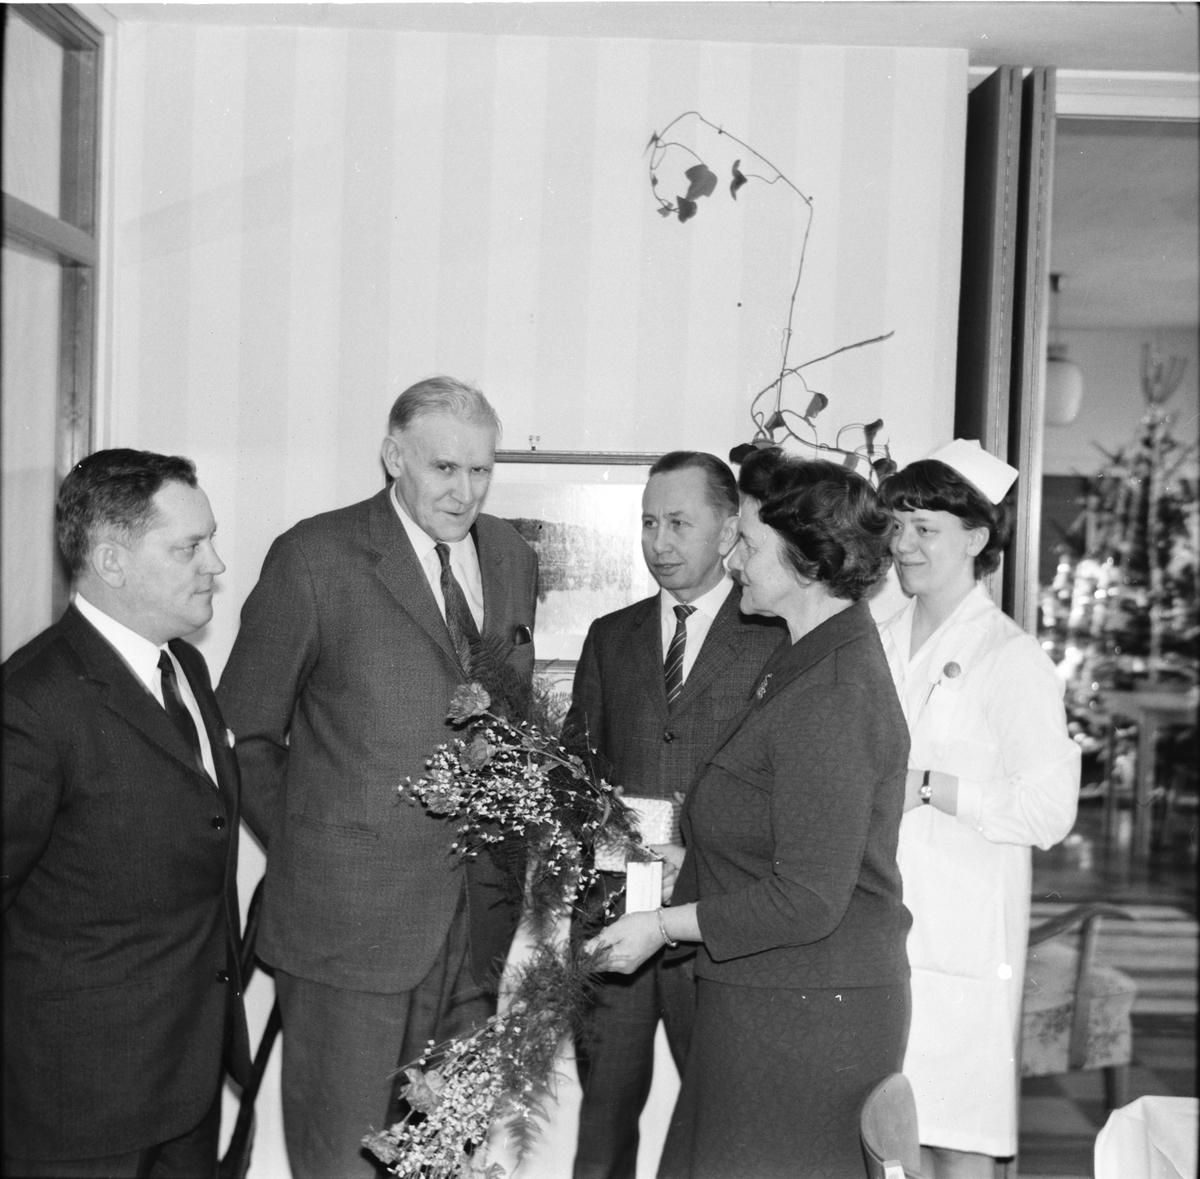 Arbrå, Stenbacka, K. Wikström tar farväl, Th. Gullbrandtsson hälsas välkommen, Januari 1969